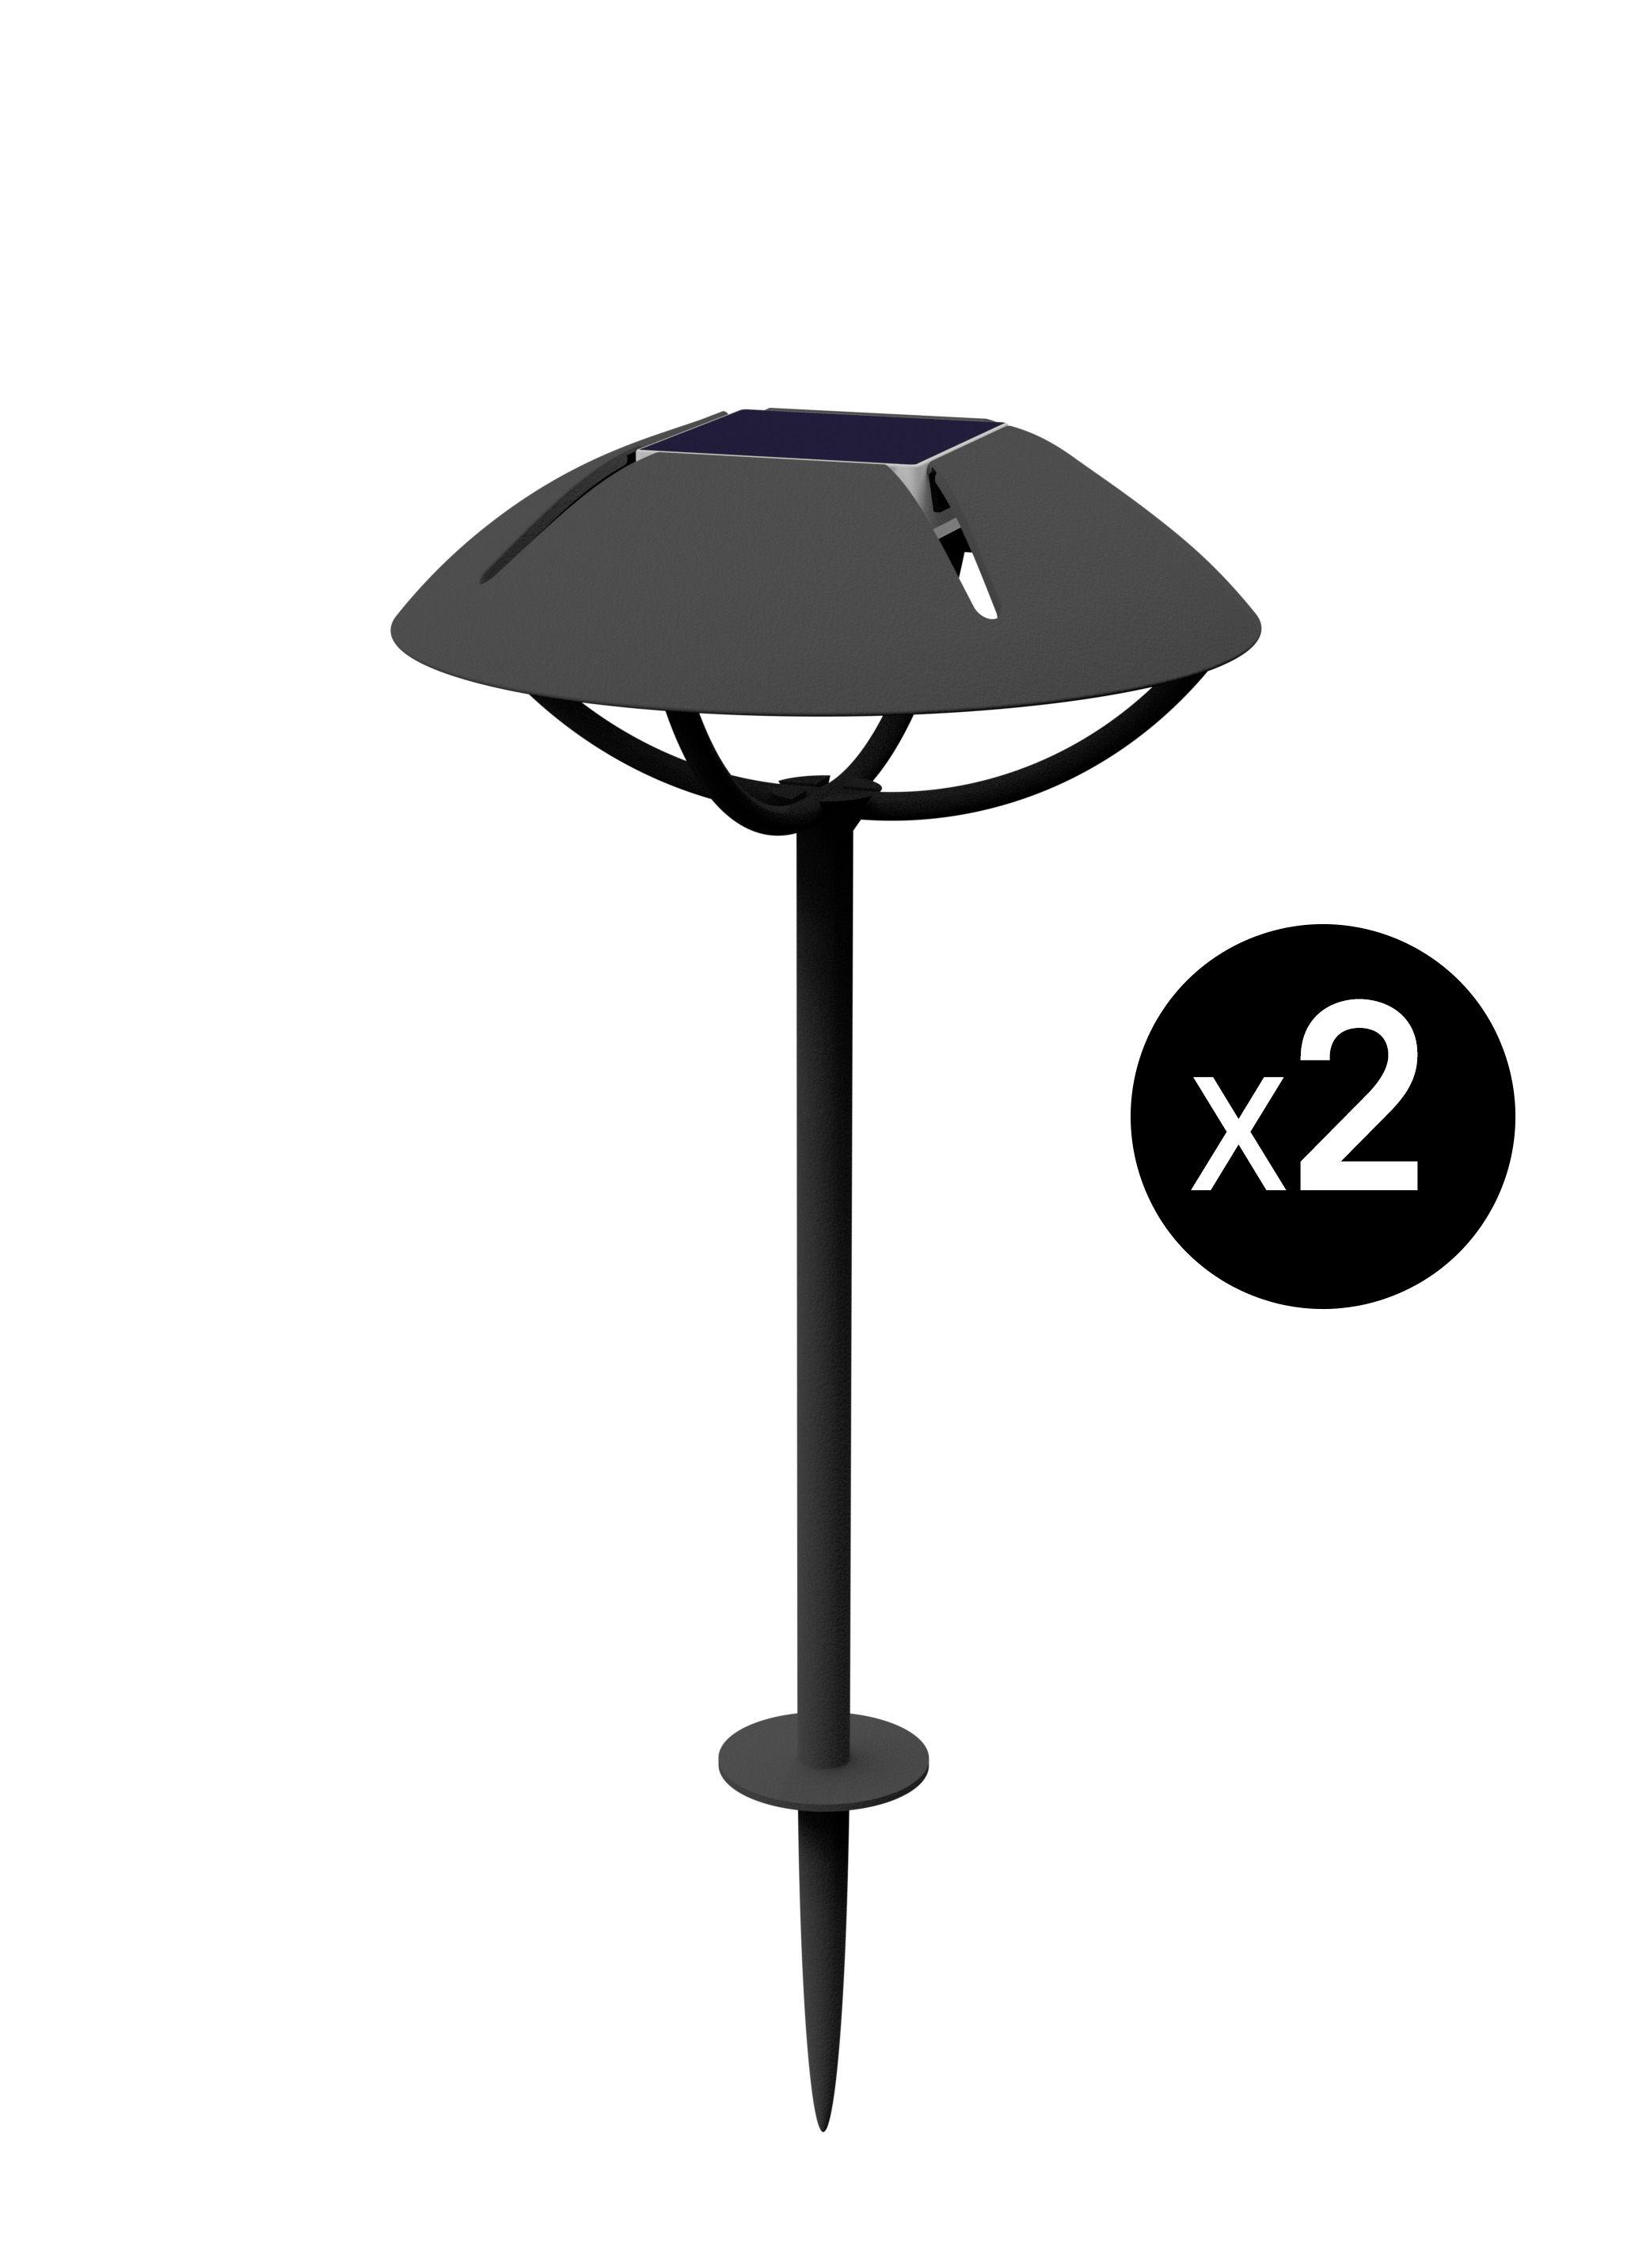 Luminaire - Luminaires d'extérieur - Lampe solaire Parabole LED / Dock USB - à planter - Lot de 2 - Maiori - Charbon - Aluminium laqué